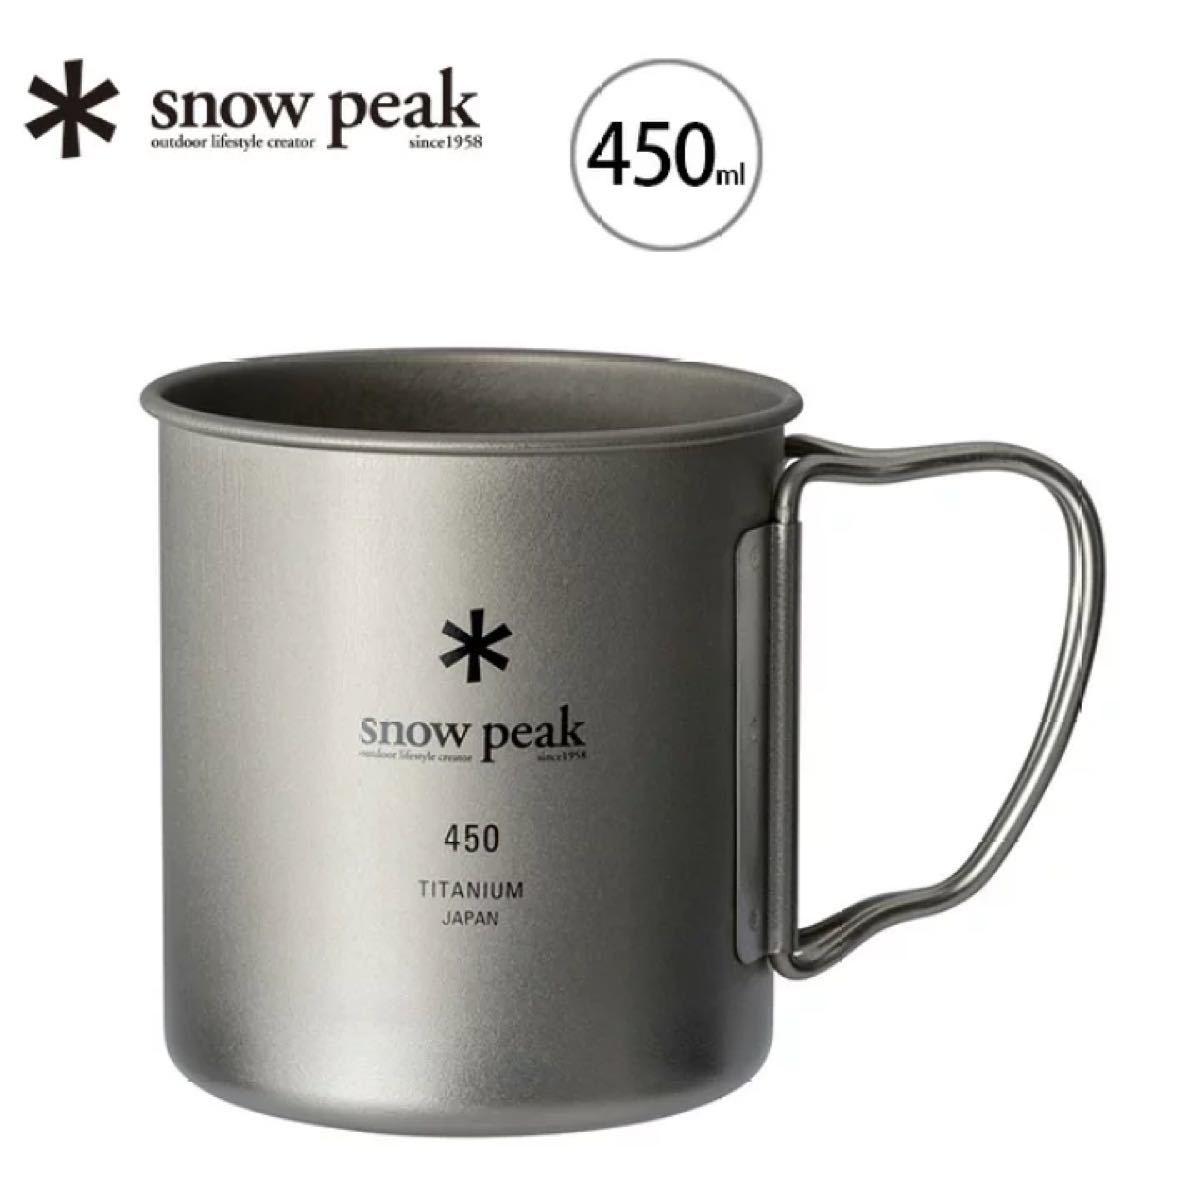 【新品未使用】スノーピーク チタンシングルマグ 300 450 snowpeak マグカップ ソロキャンプ シングル チタン